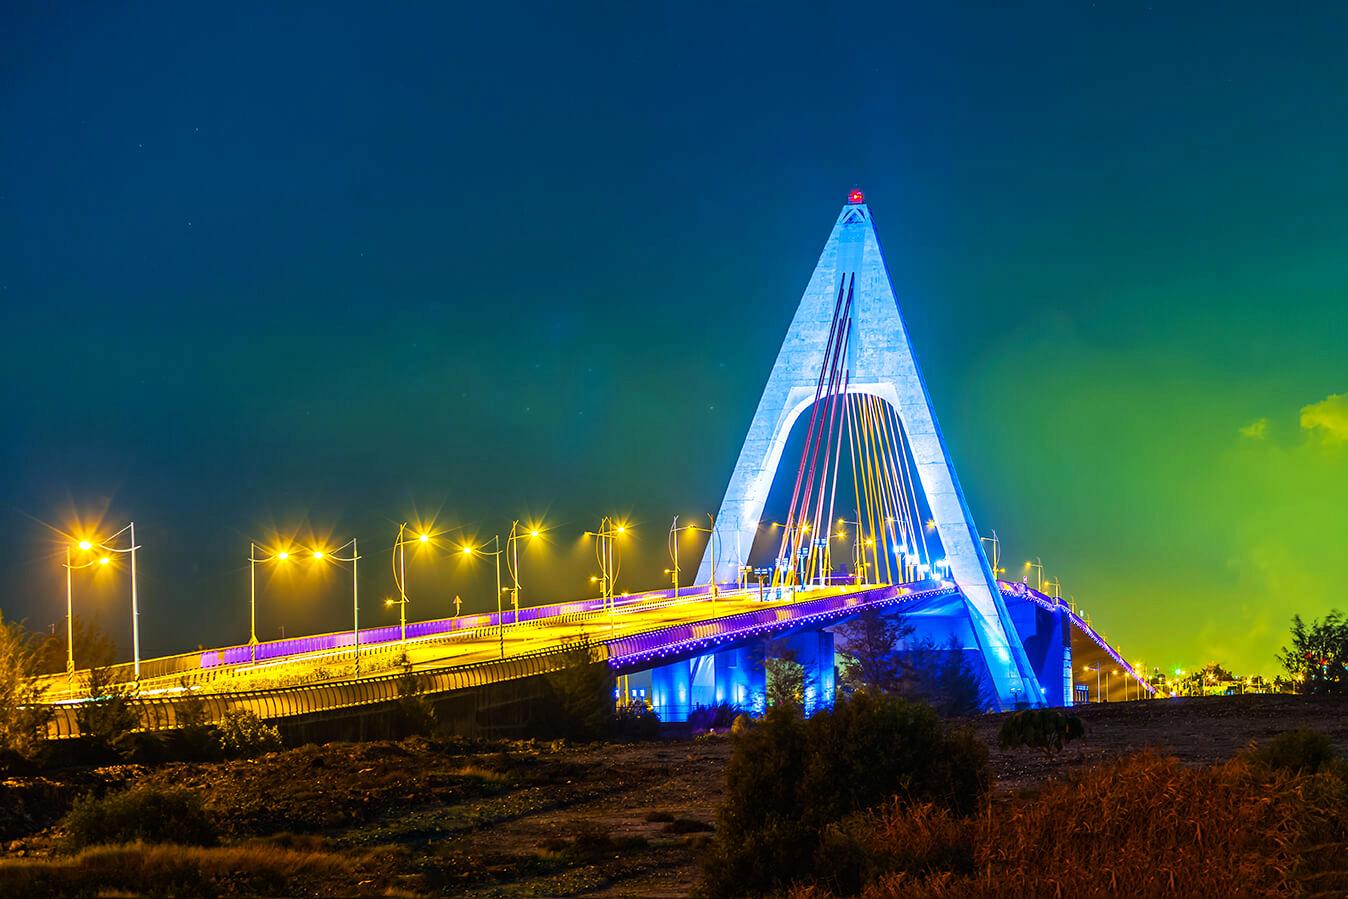 (圖片來源:大鵬灣國家風景區)